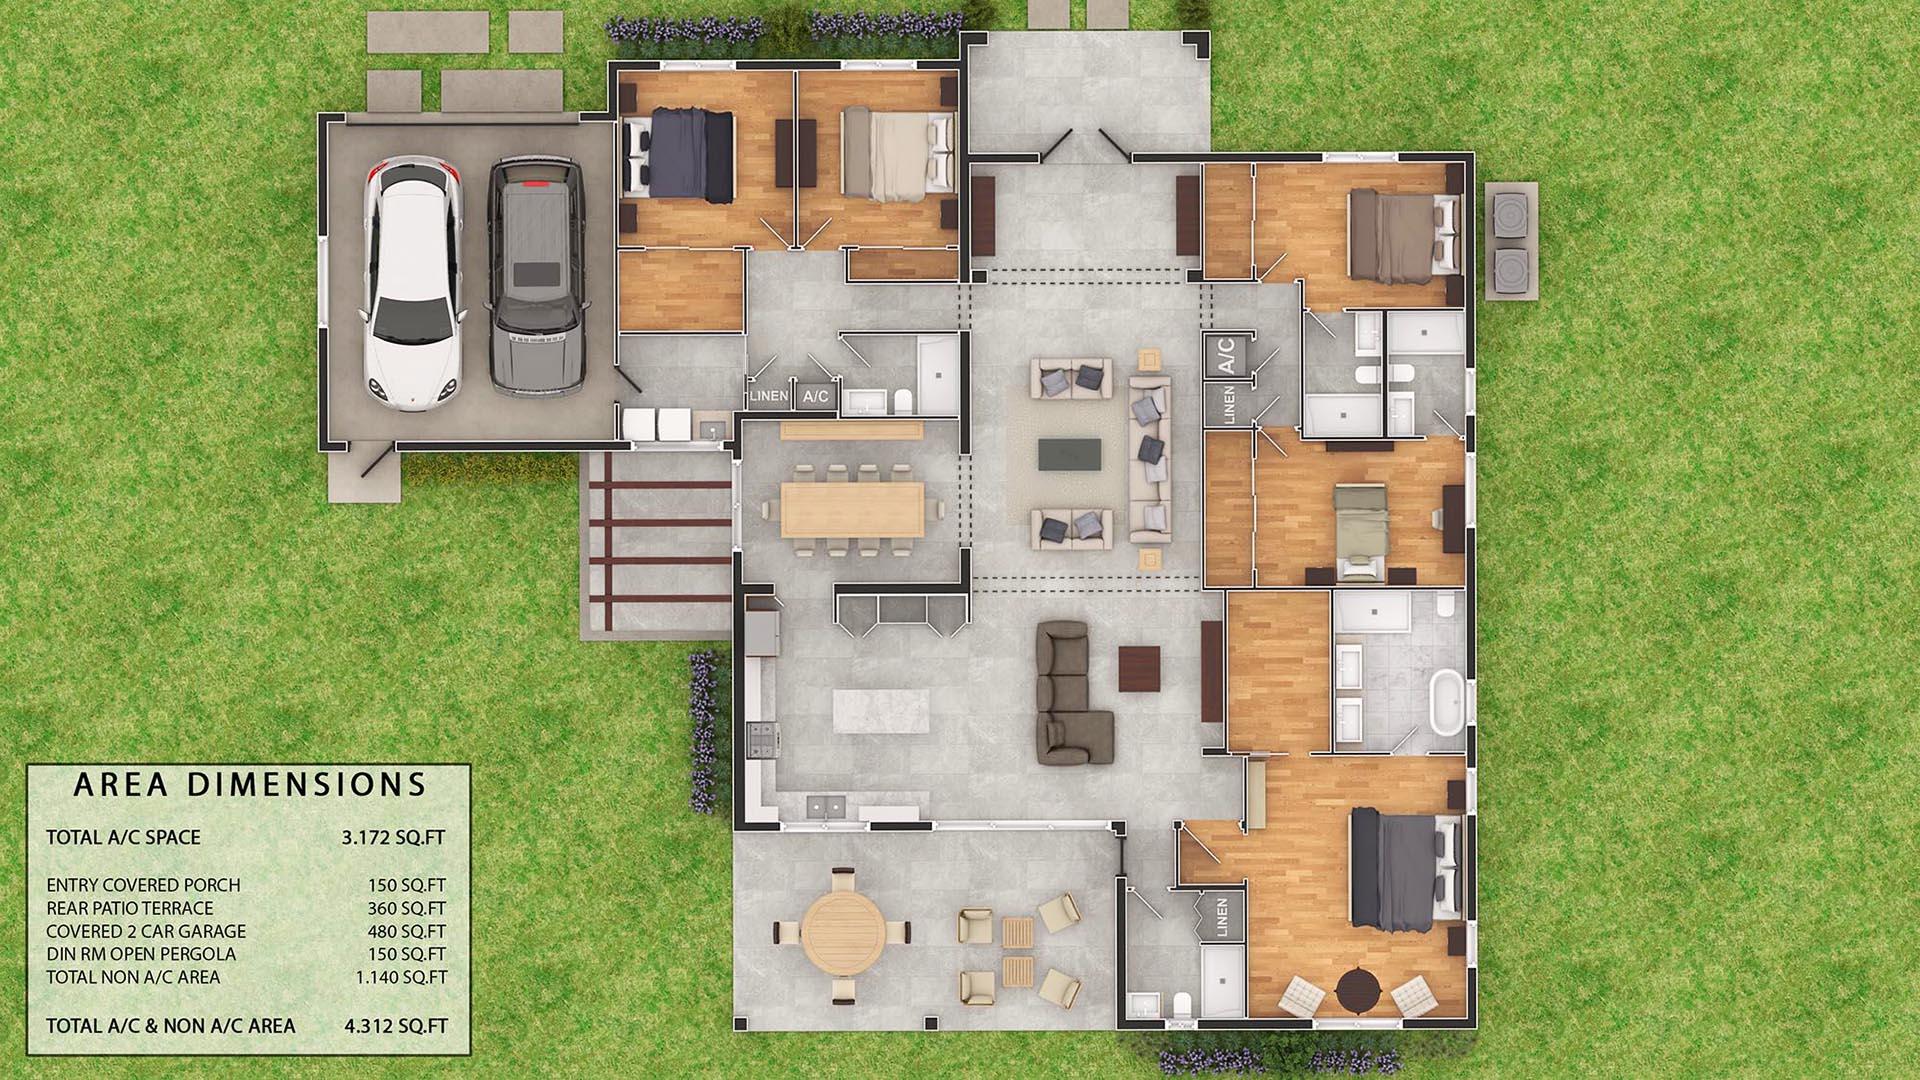 3D Render Floor Plan Millbras